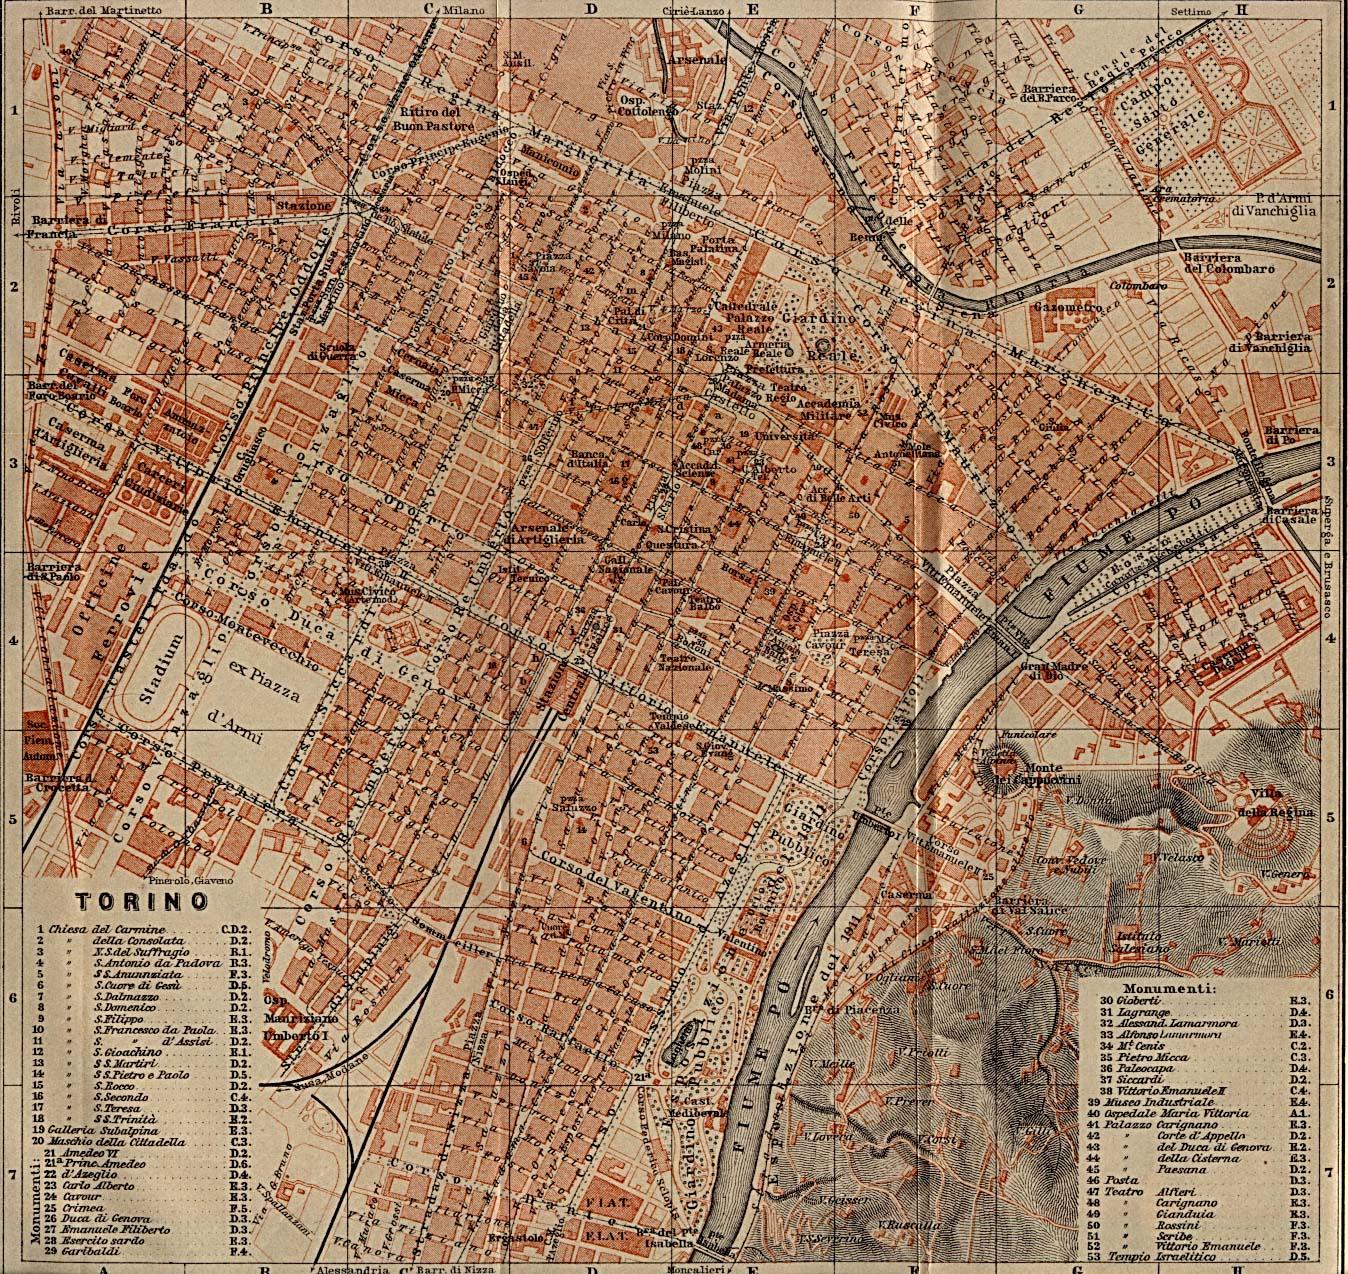 Mapa de Turín, Italia 1913